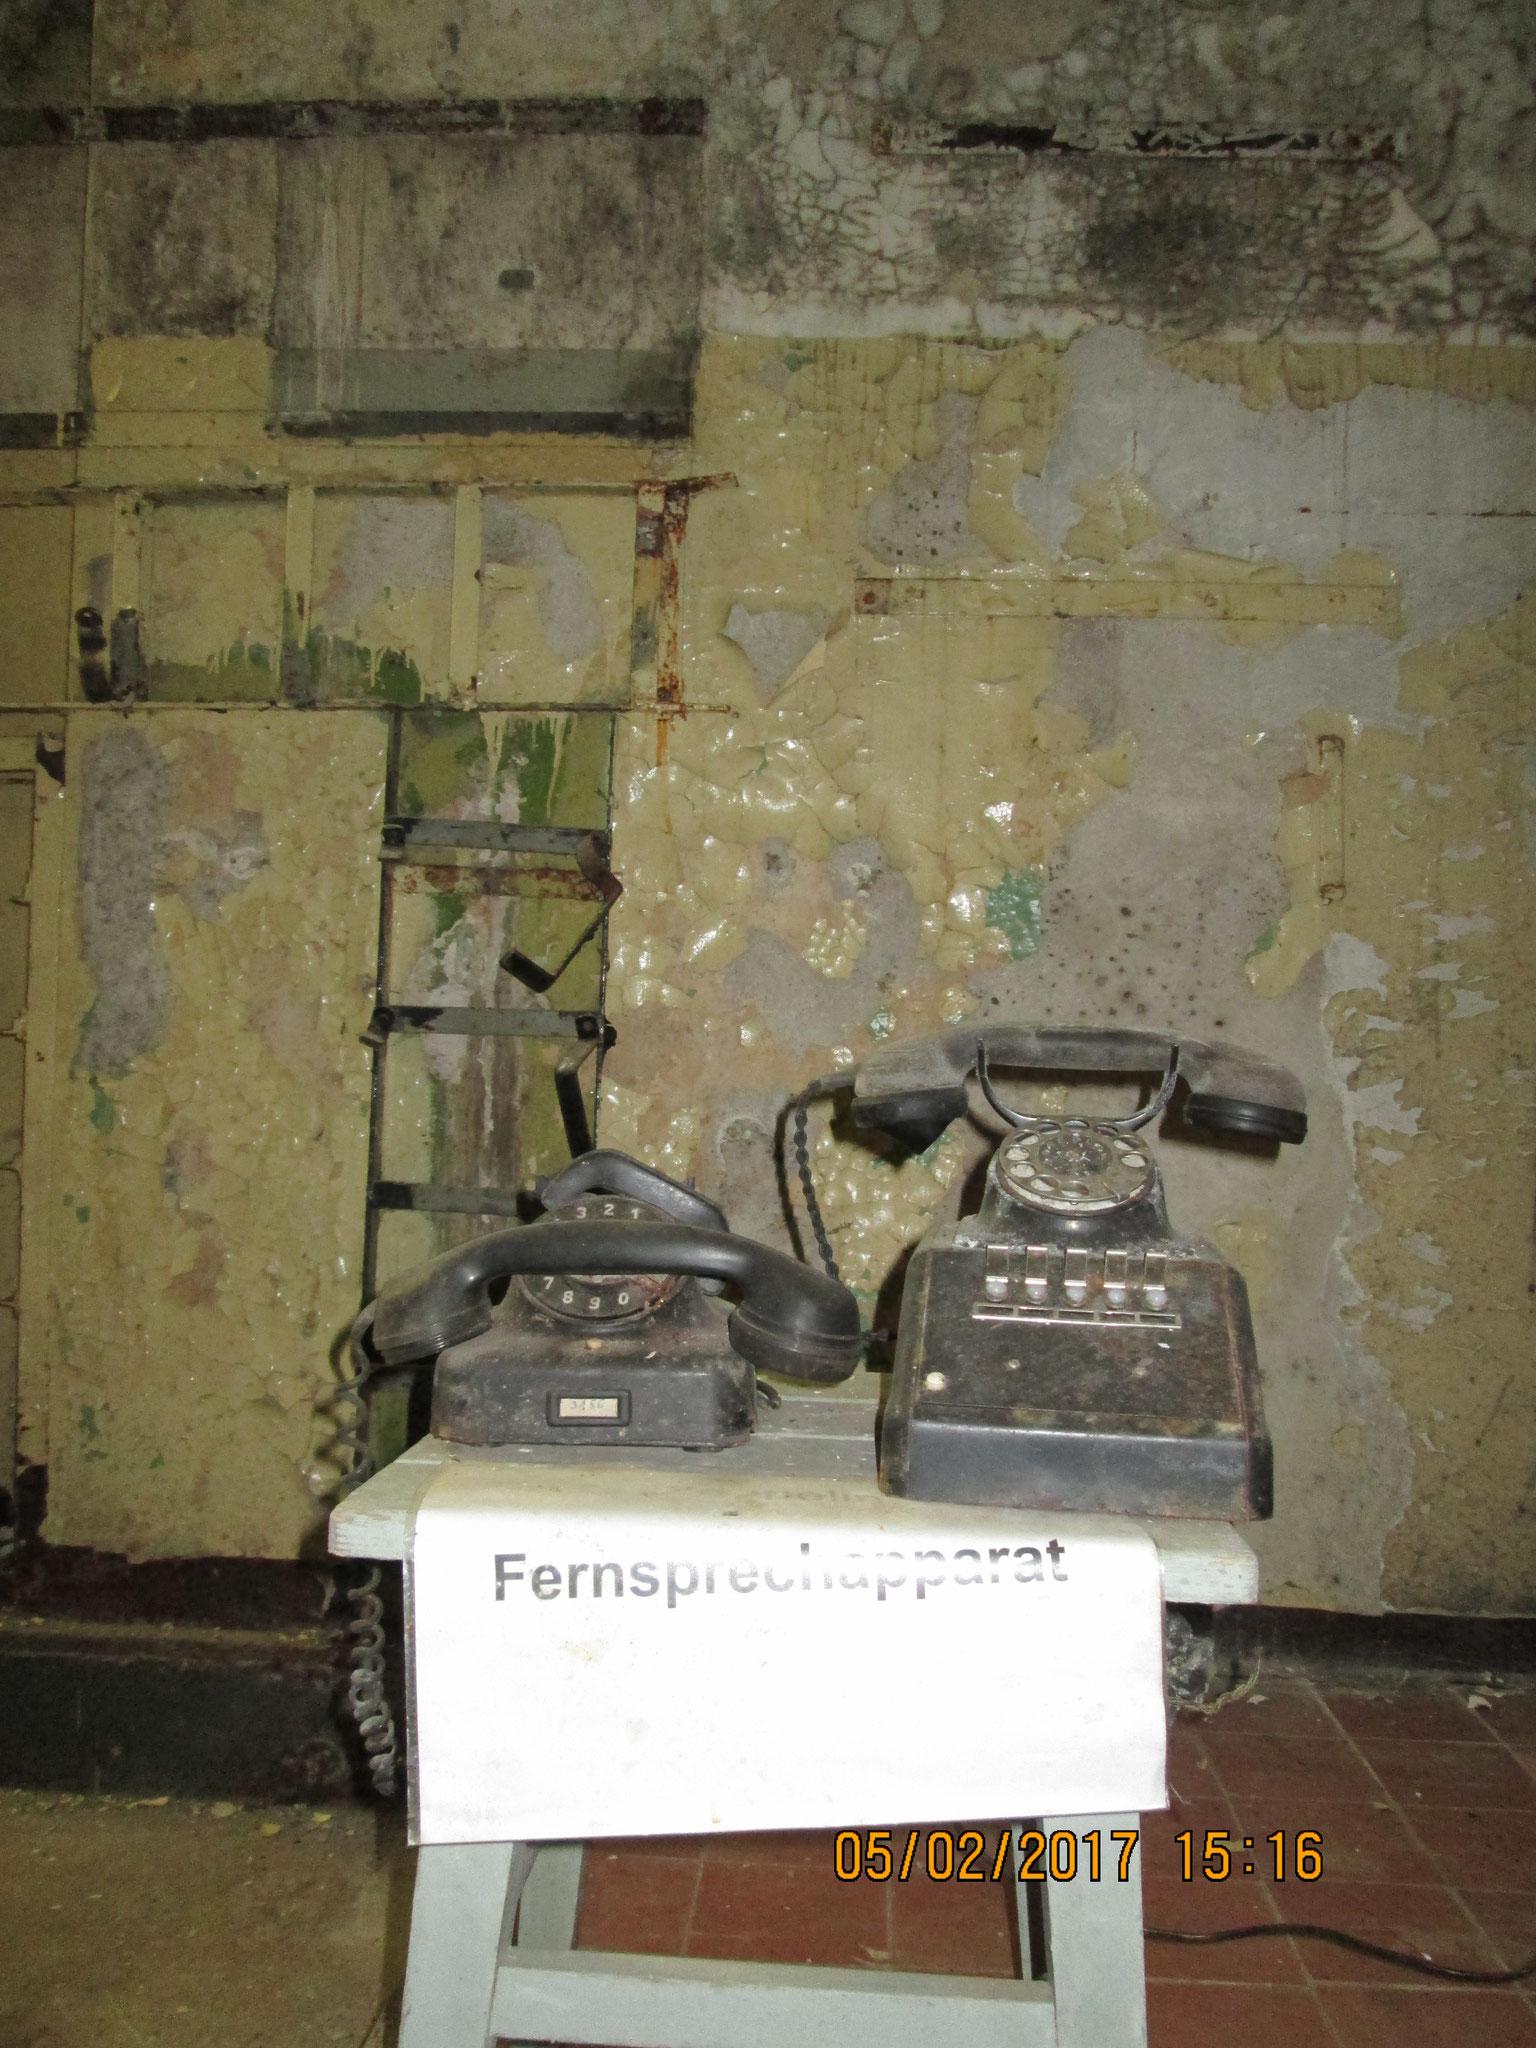 Telefone aus dem 2. Weltkrieg (Wehrmacht)